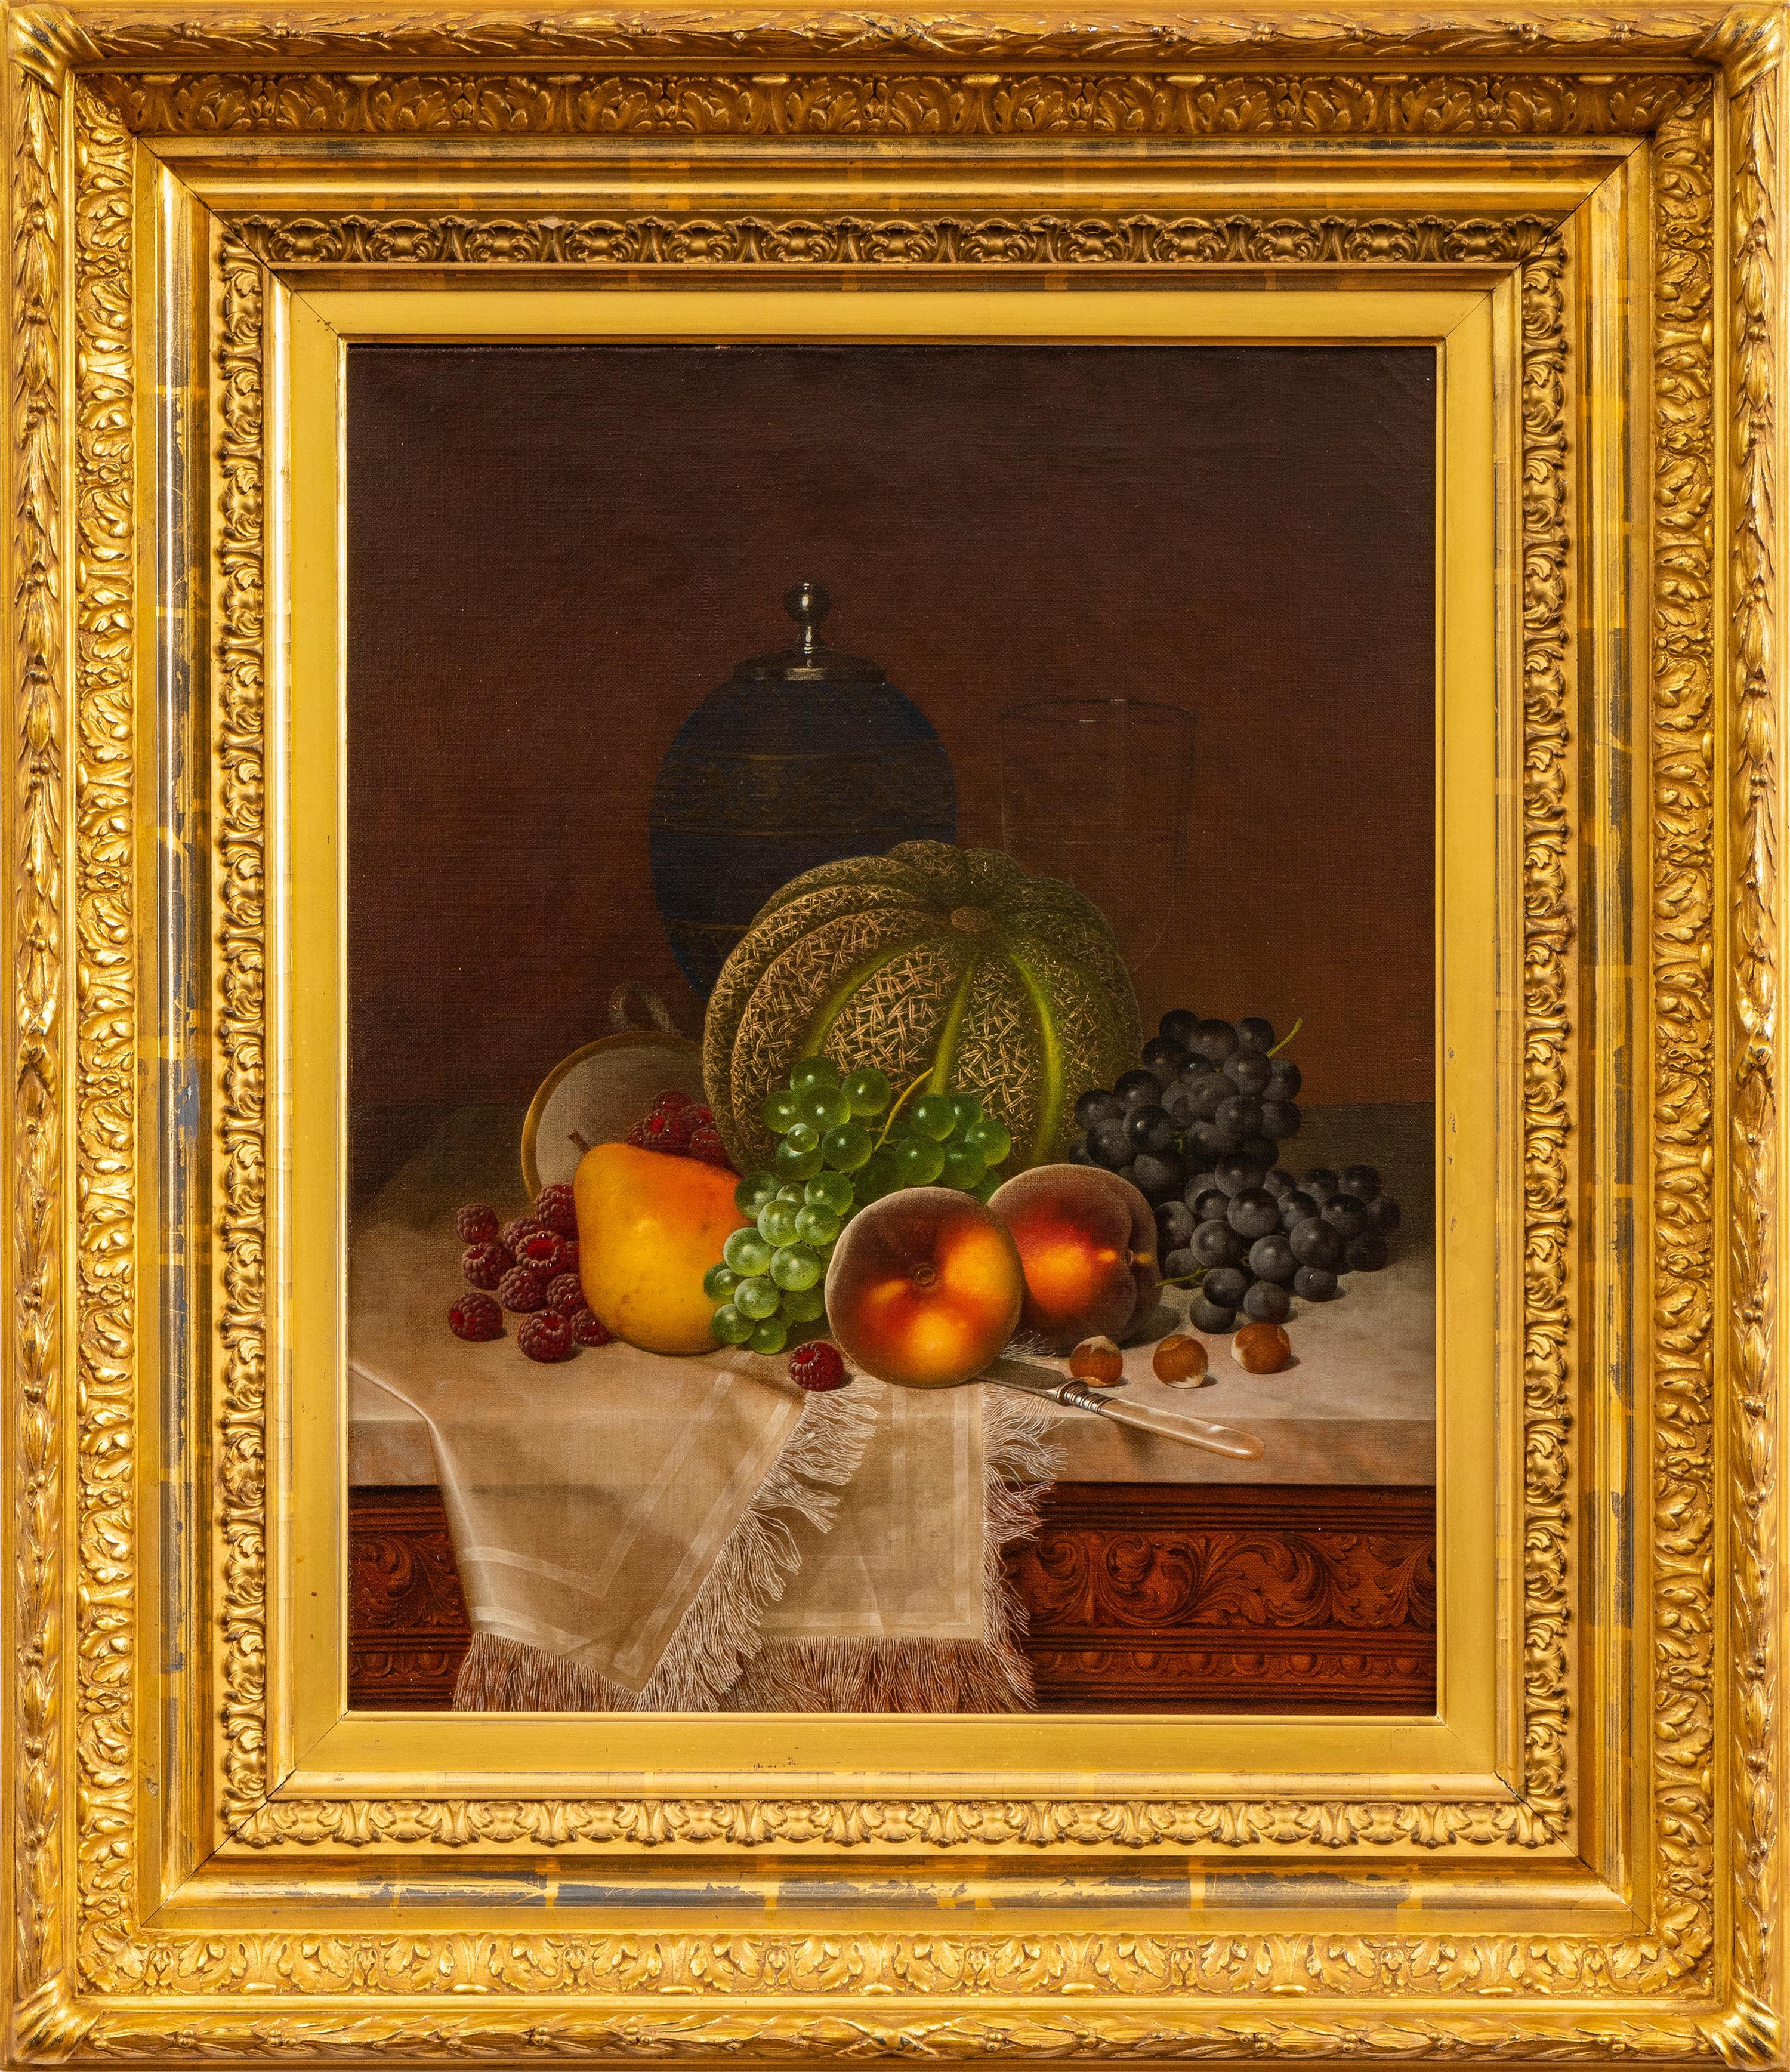 Still Life with Fruits, Samovar and Teacup